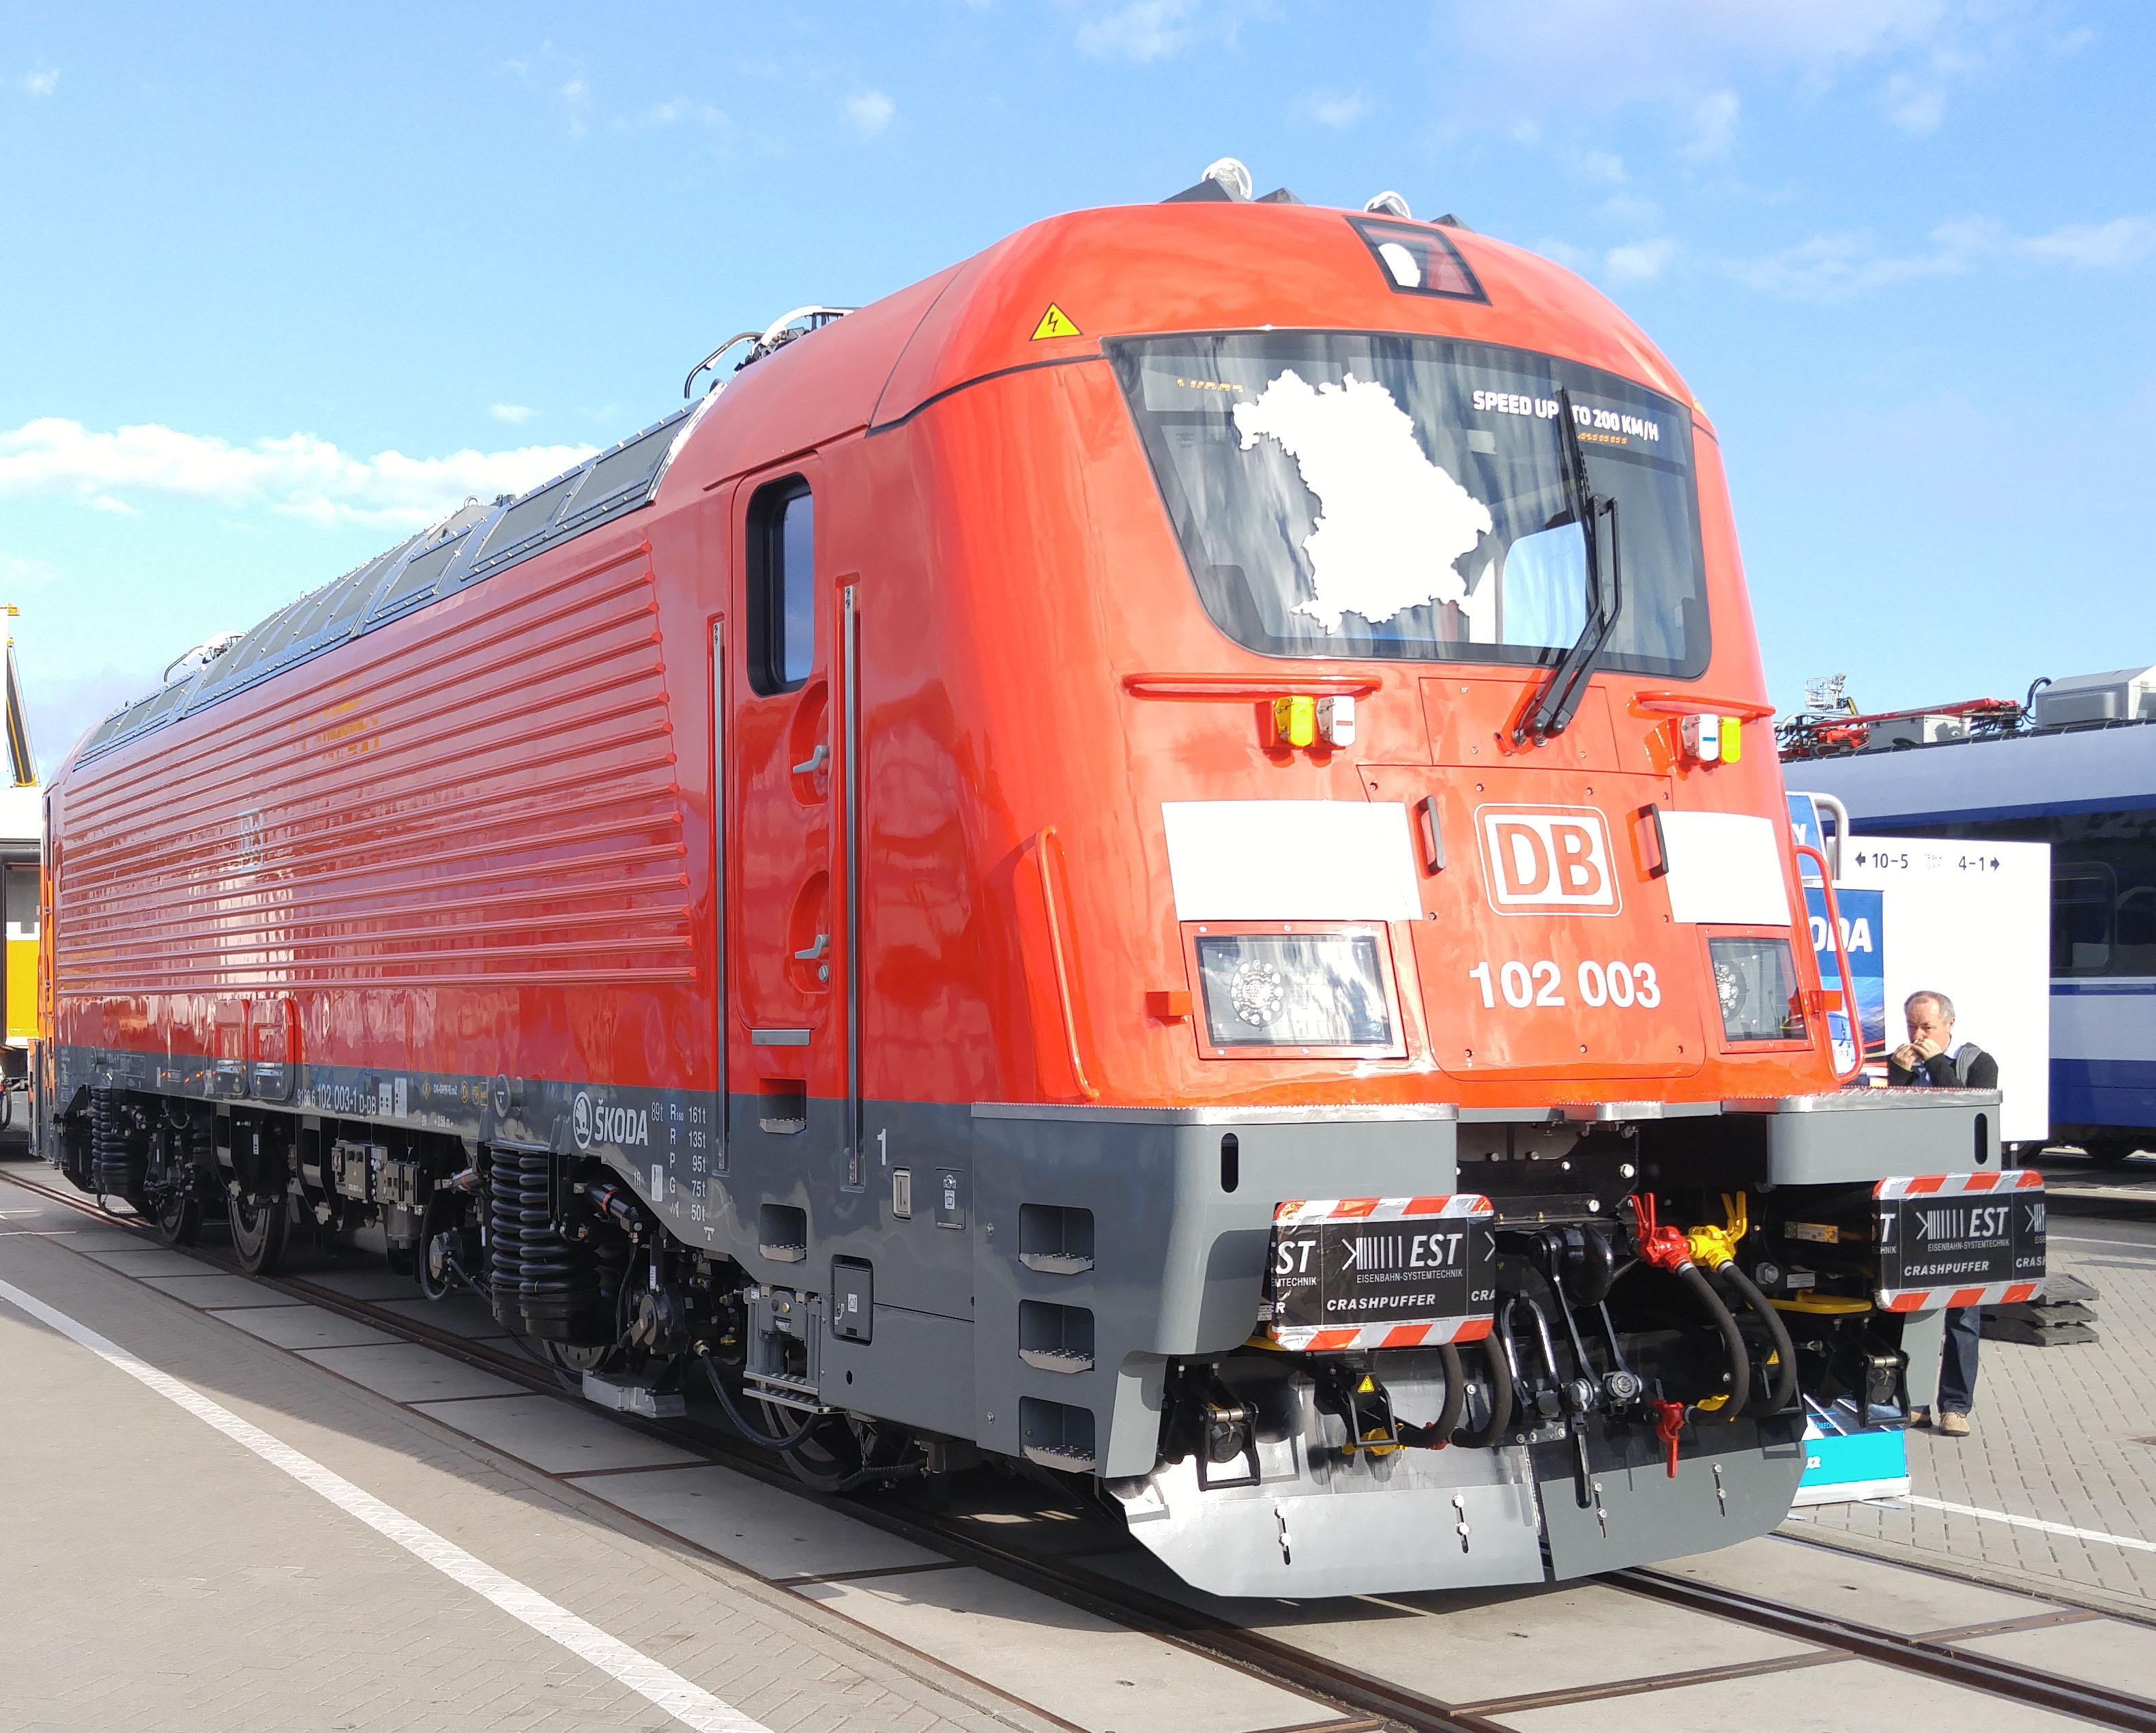 Foto: Elok 102 003 von Skoda für den Nürnberg-Ingolstadt-München-Express auf der Berliner Innotrans 2016